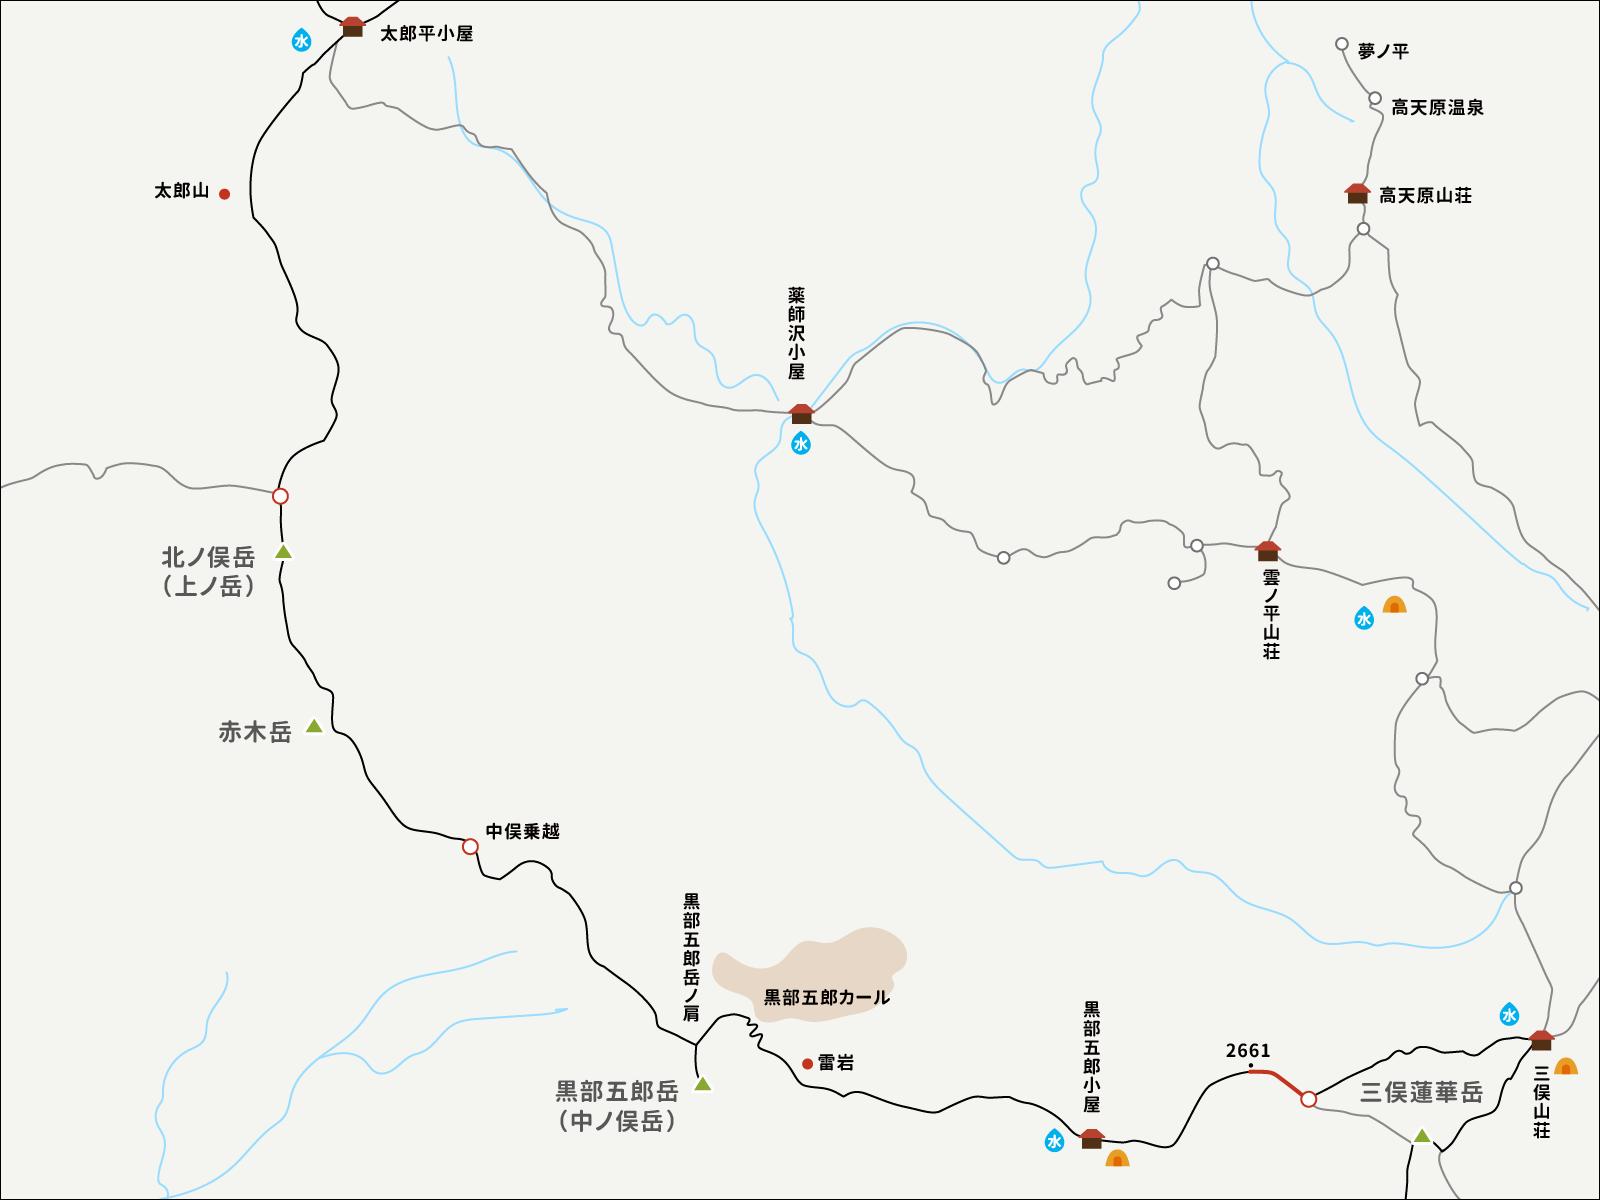 2661から分岐までのイラストマップ